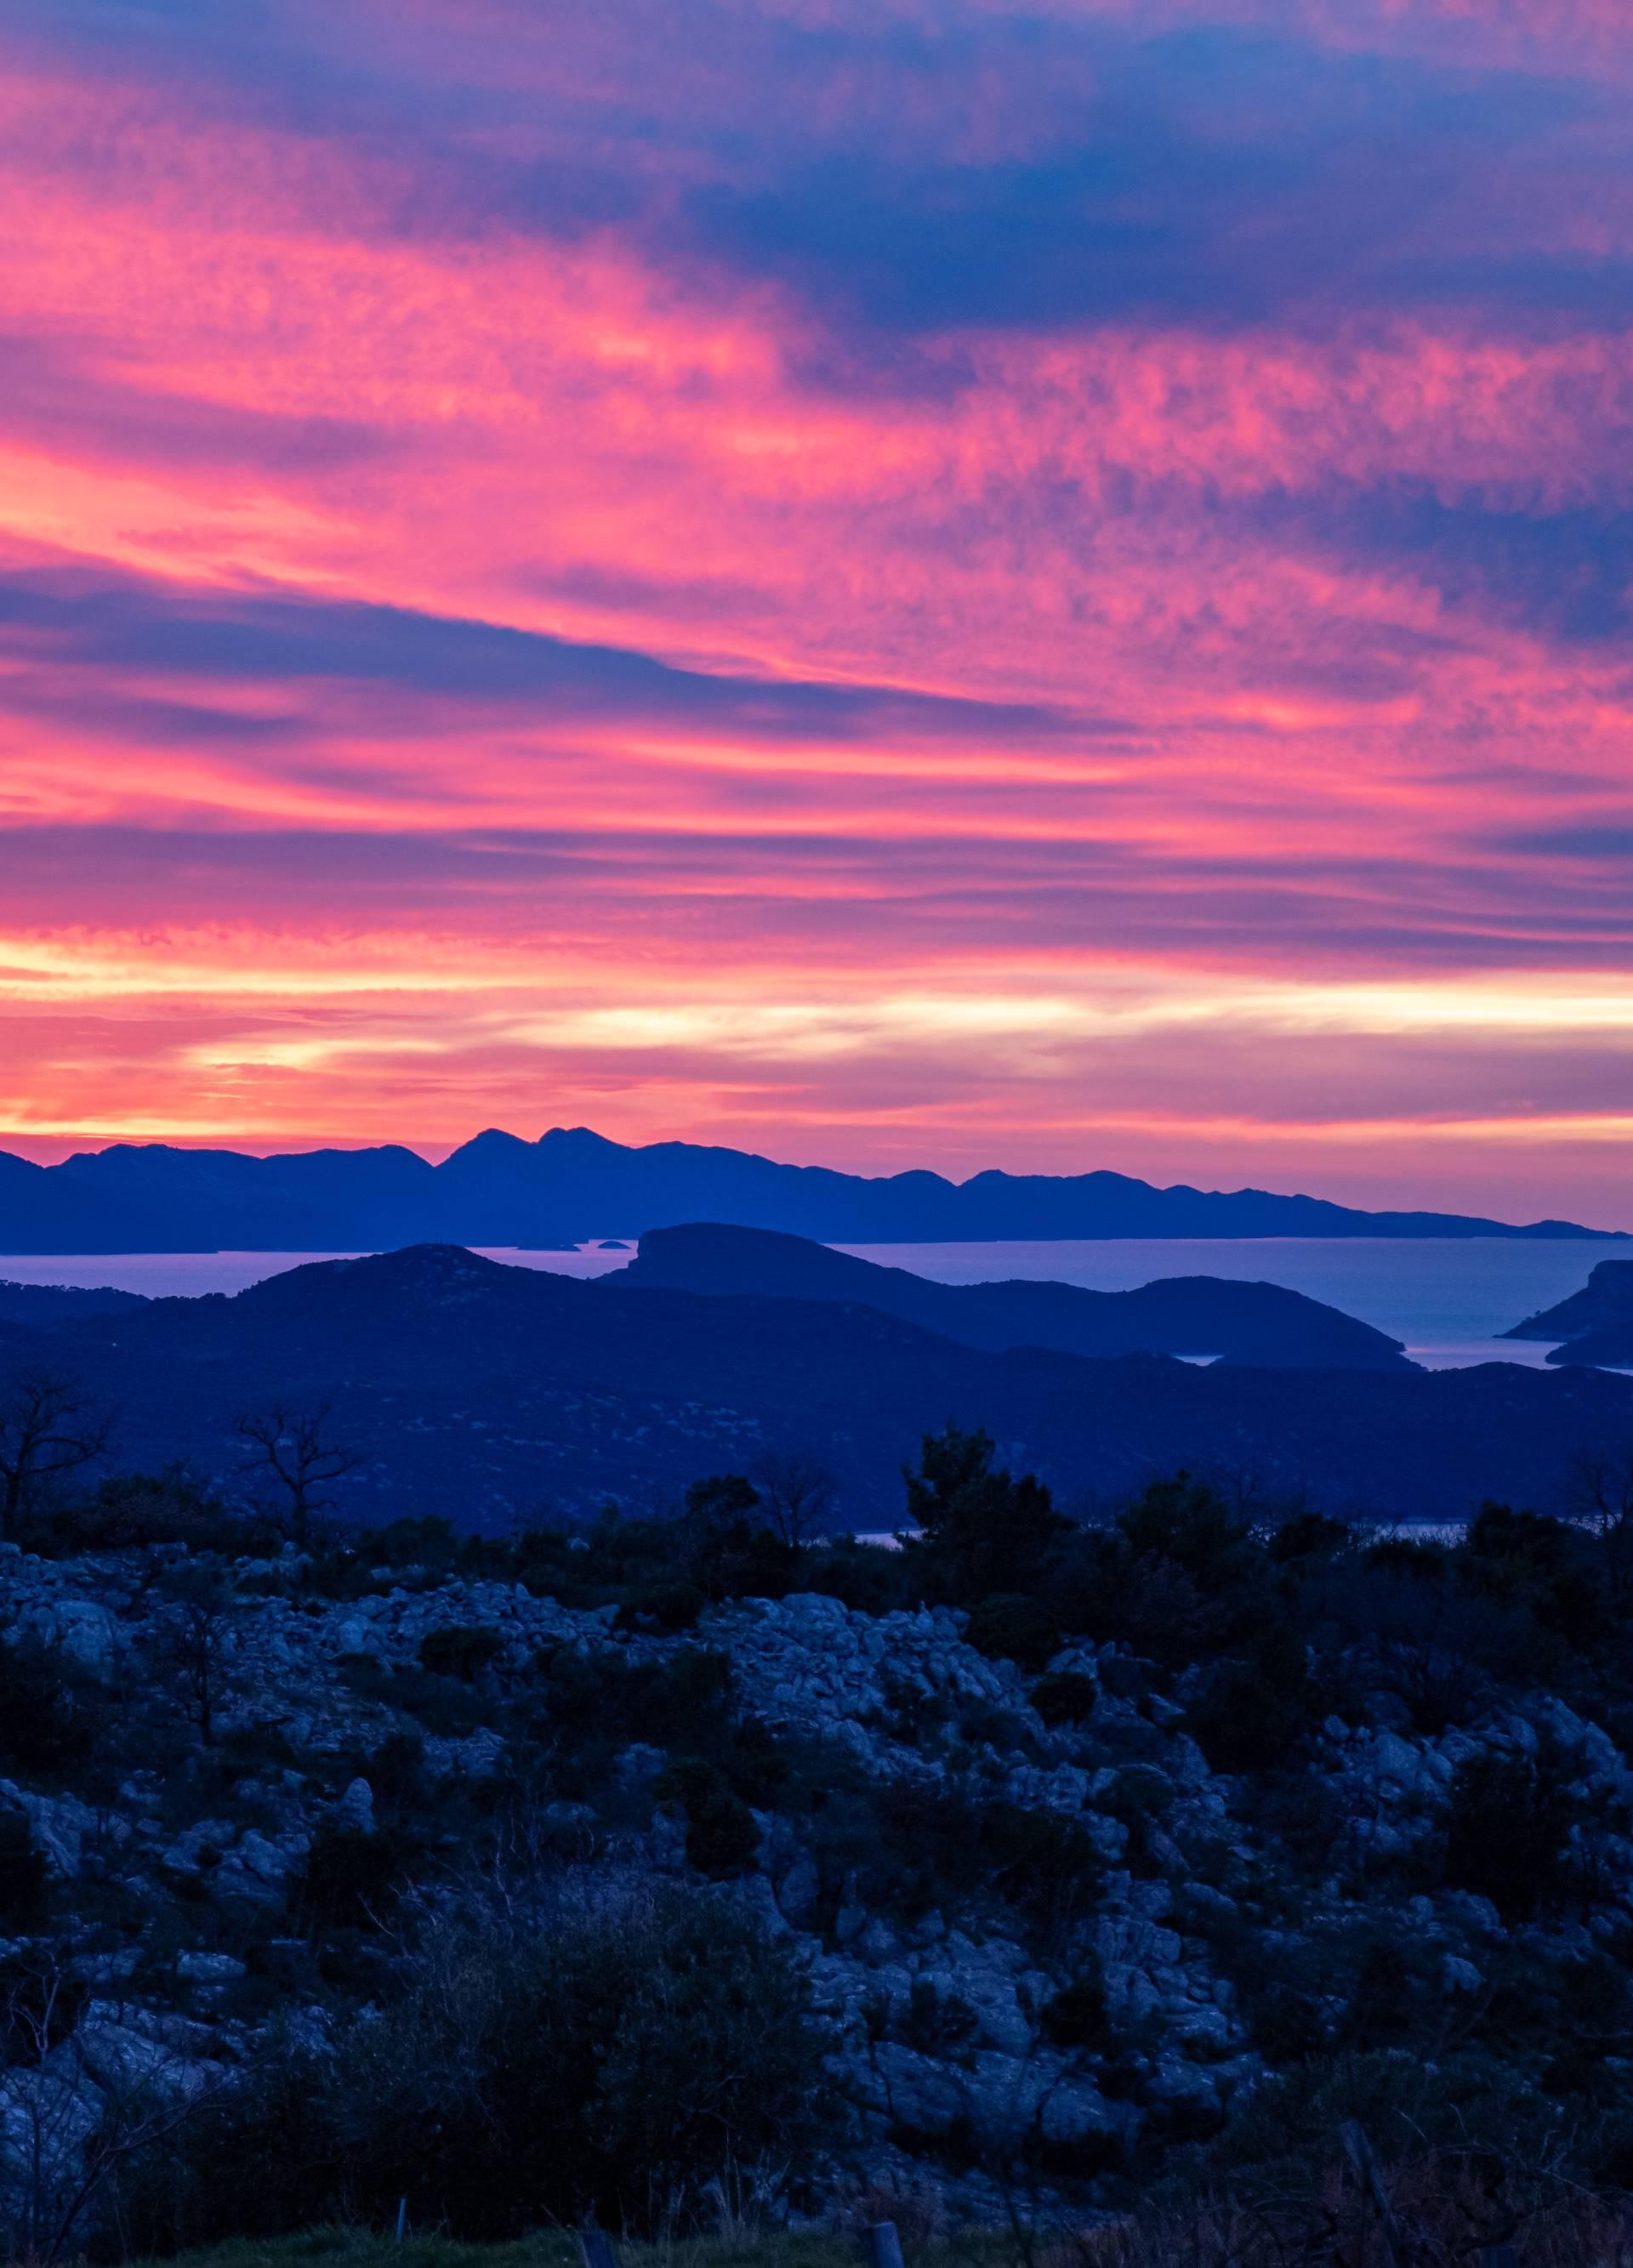 Sumrak nad Dubrovačkim primorjem